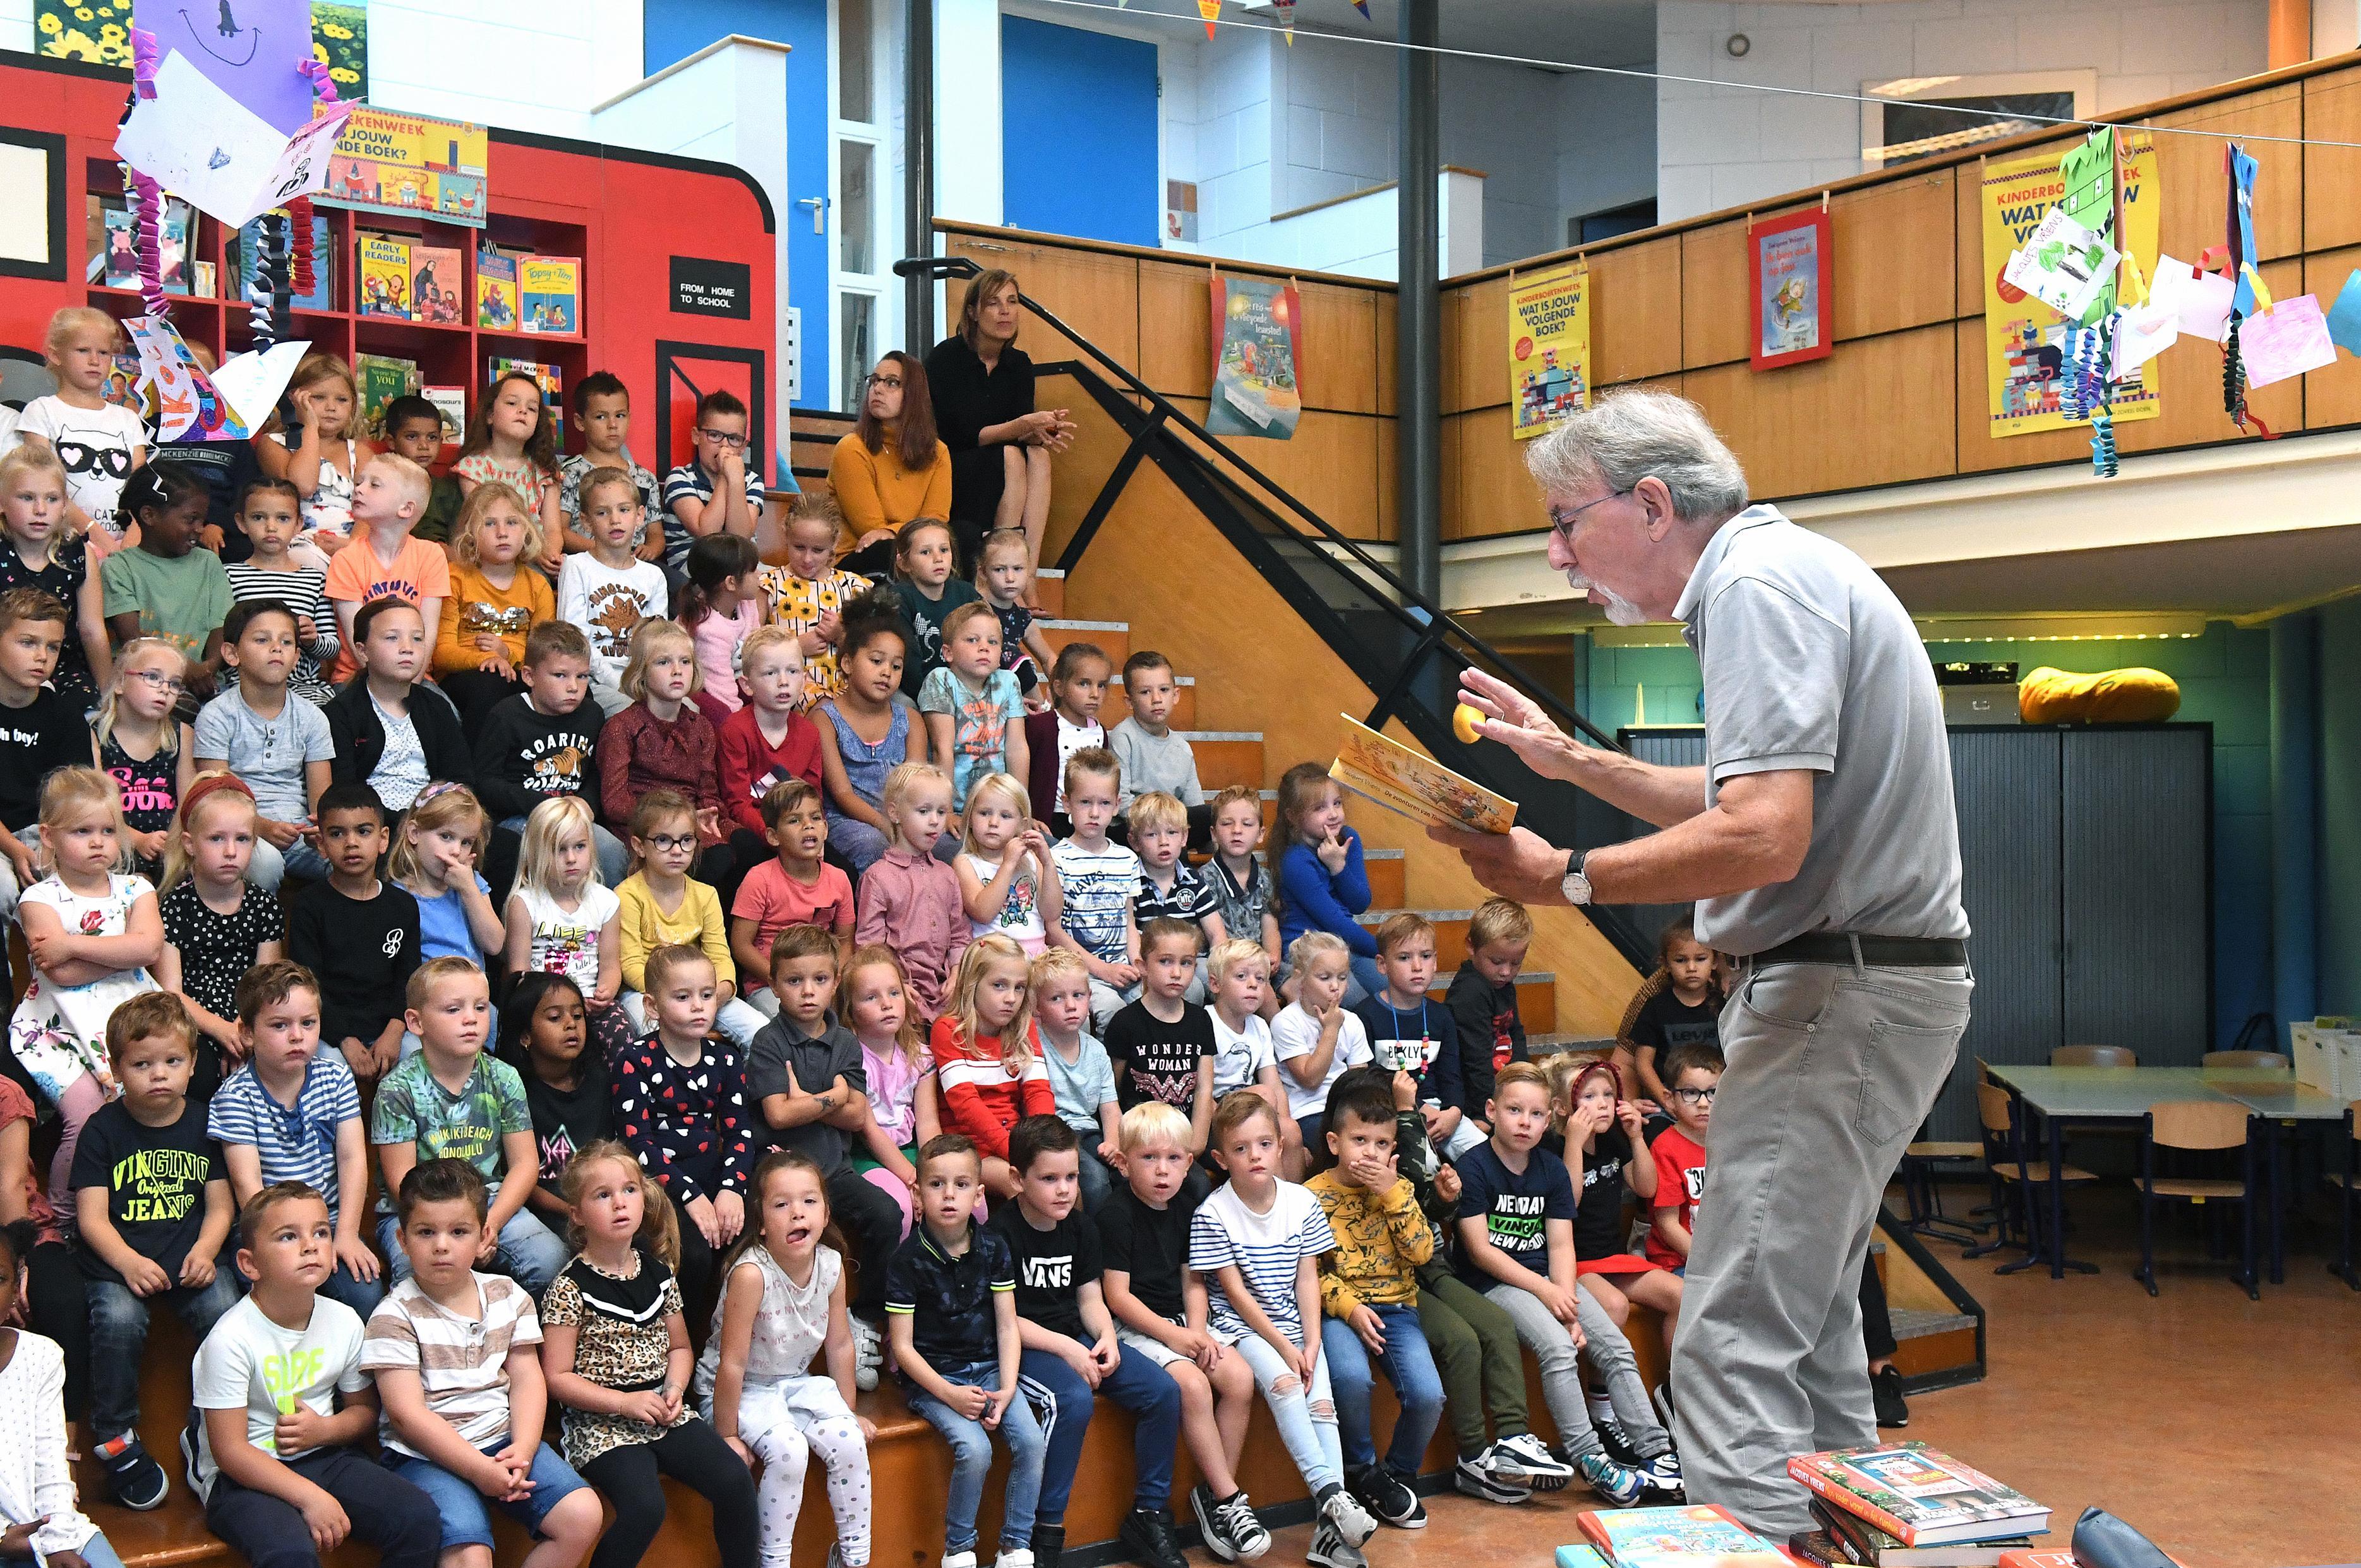 Kleuters van basisschool De Dijk weten dondersgoed wie Jacques Vriens is: 'De timmerman? De schilder? Nee, de schrijver!'